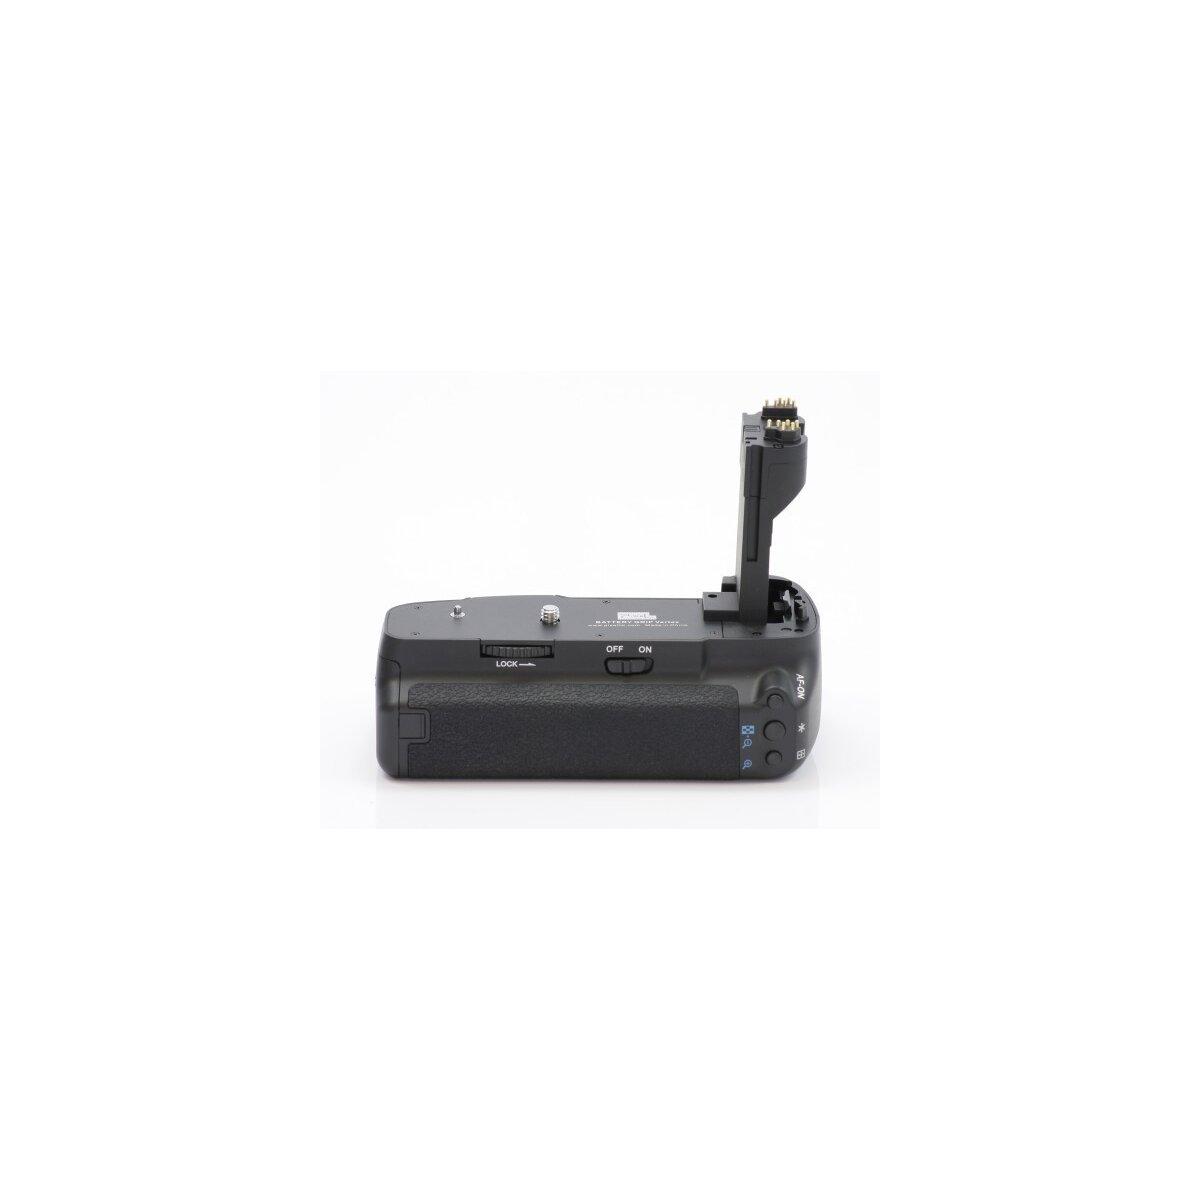 Qualitäts Profi Batteriegriff von Vertax kompatibel mit Canon EOS 5D Mark II Ersatz für BG-E6 - für LP-E6 und 6 AA Batterien